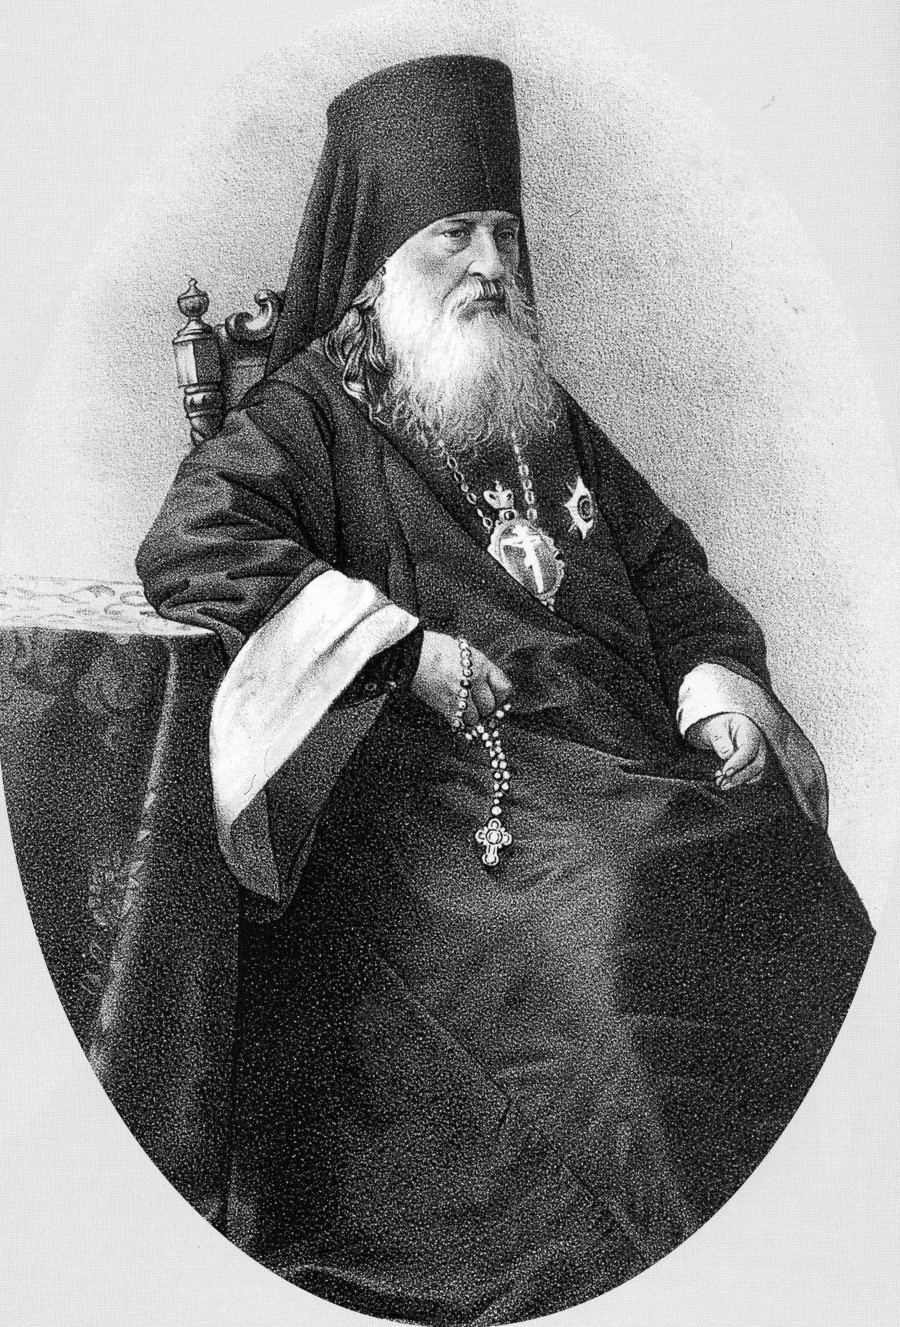 Преподобный Антоний (Медведев), наместник Троице-Сергиевой Лавры